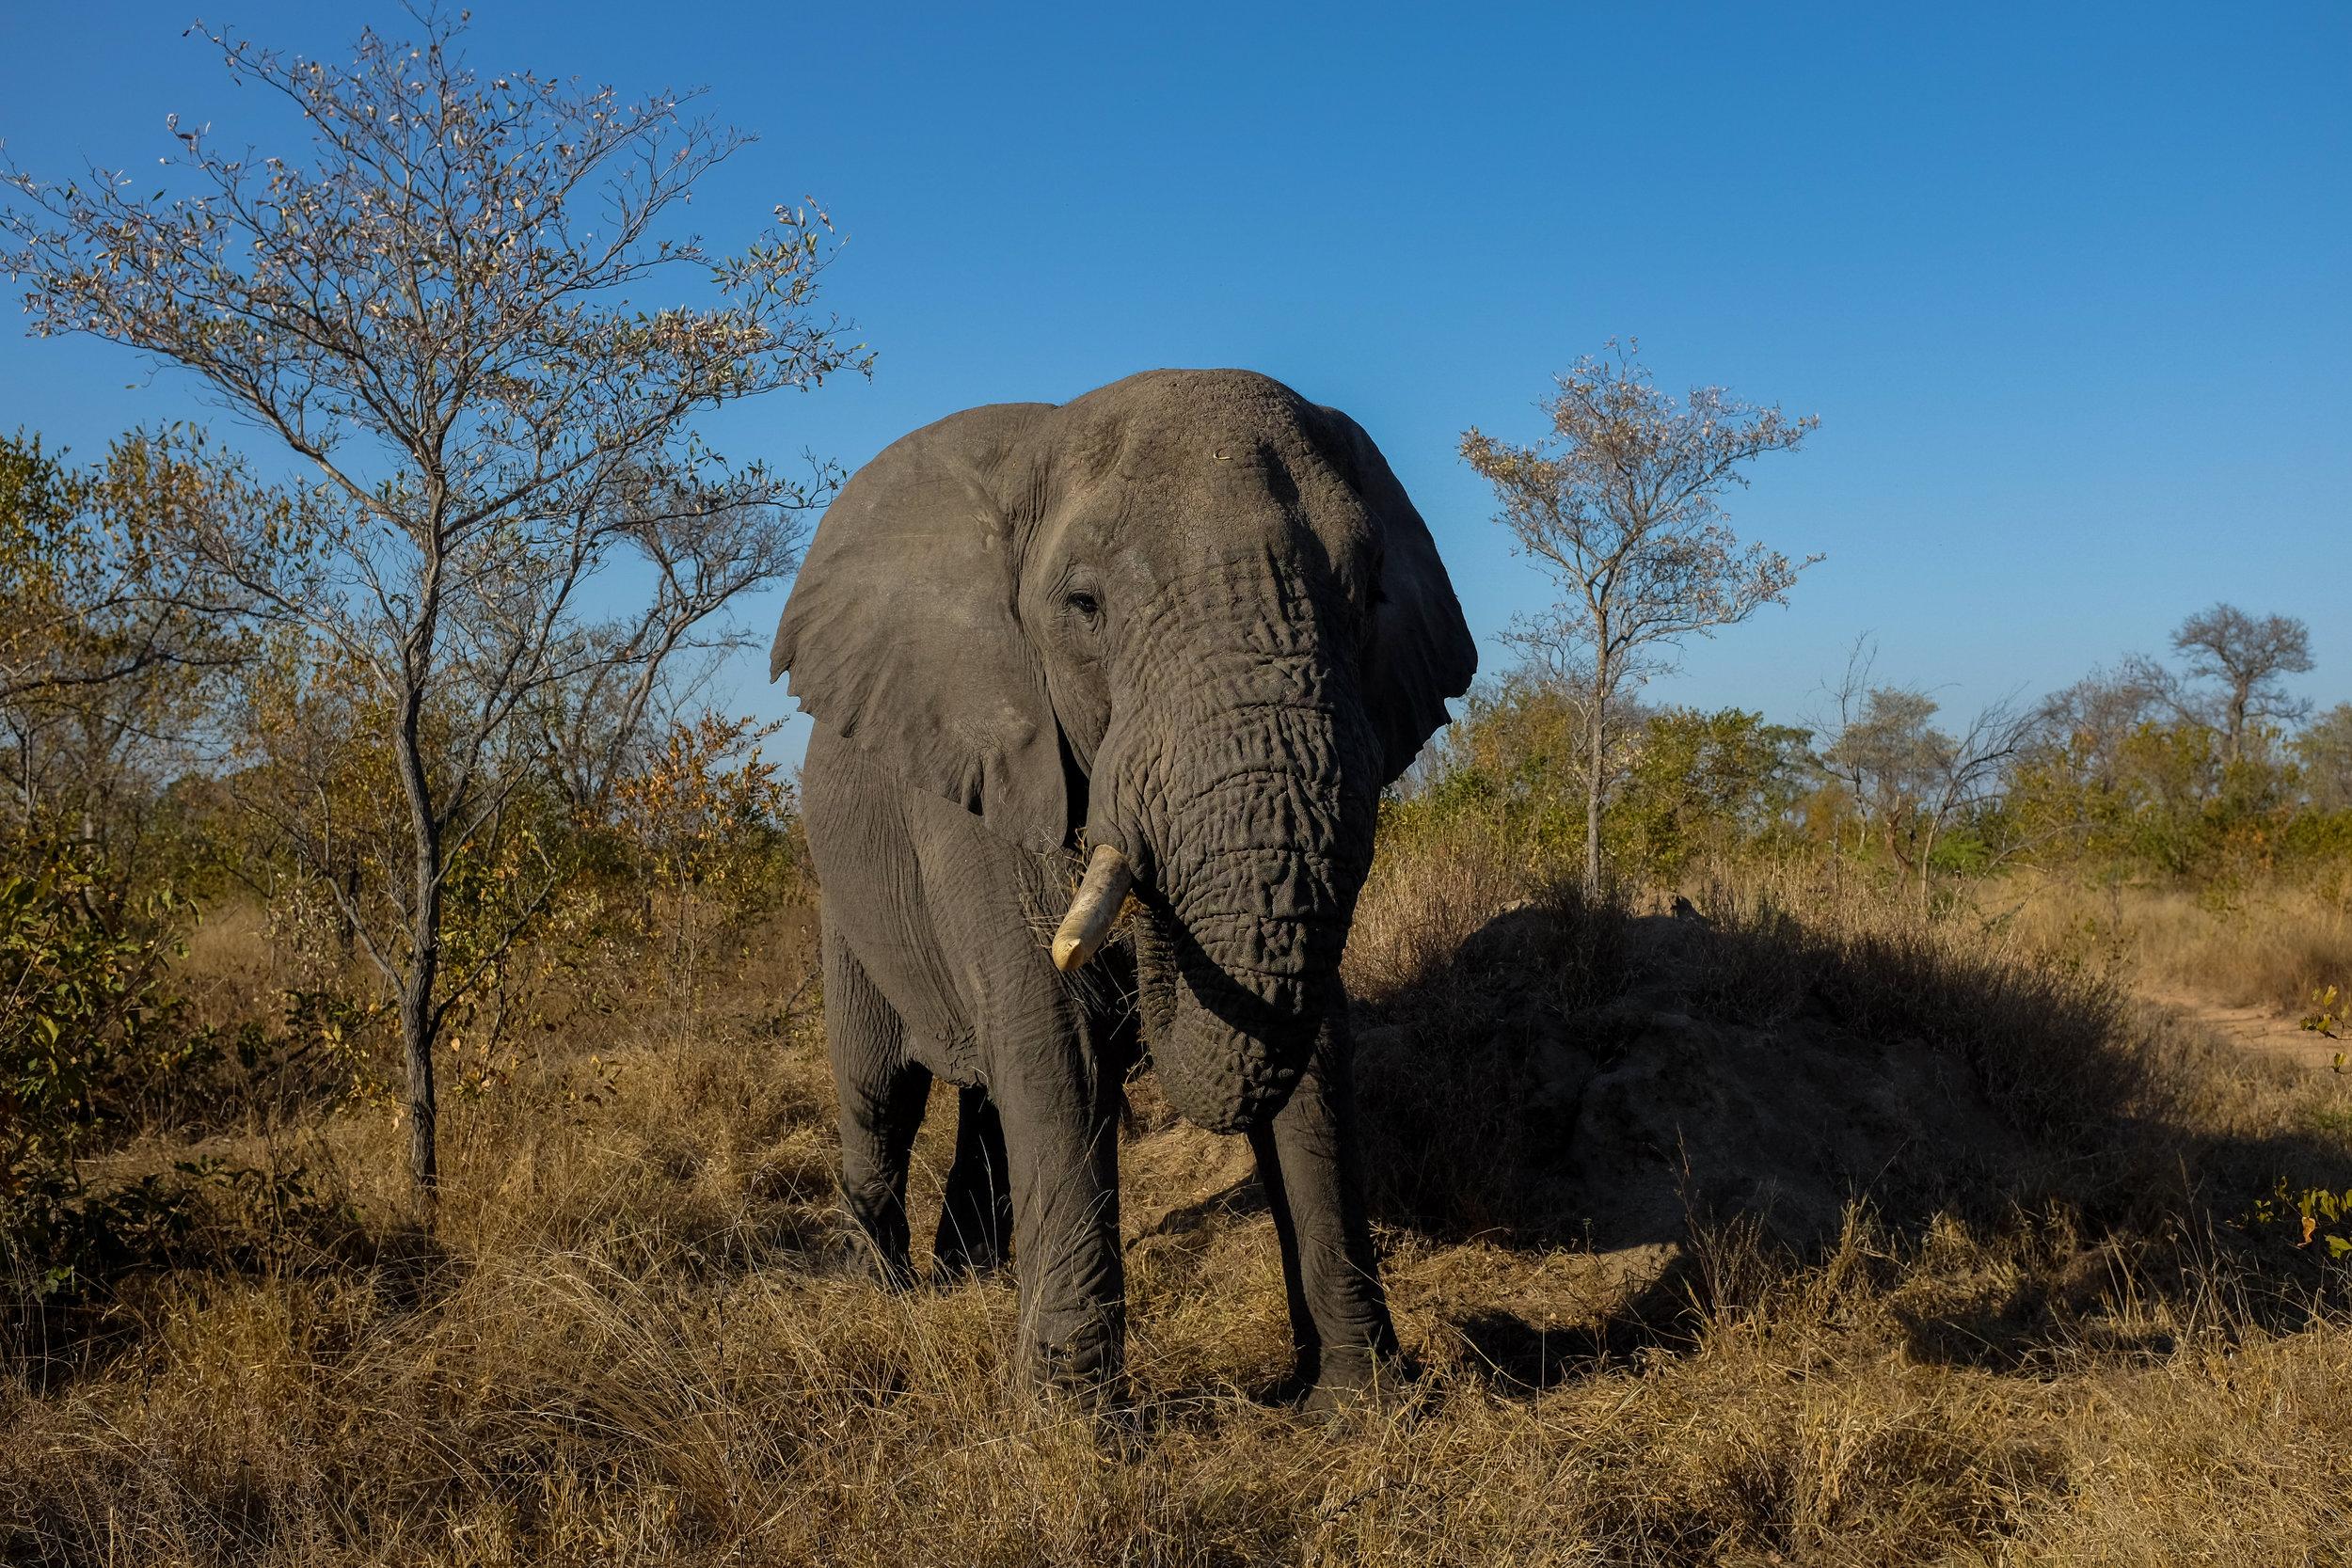 Sabi Sabi Game Reserve / South Africa